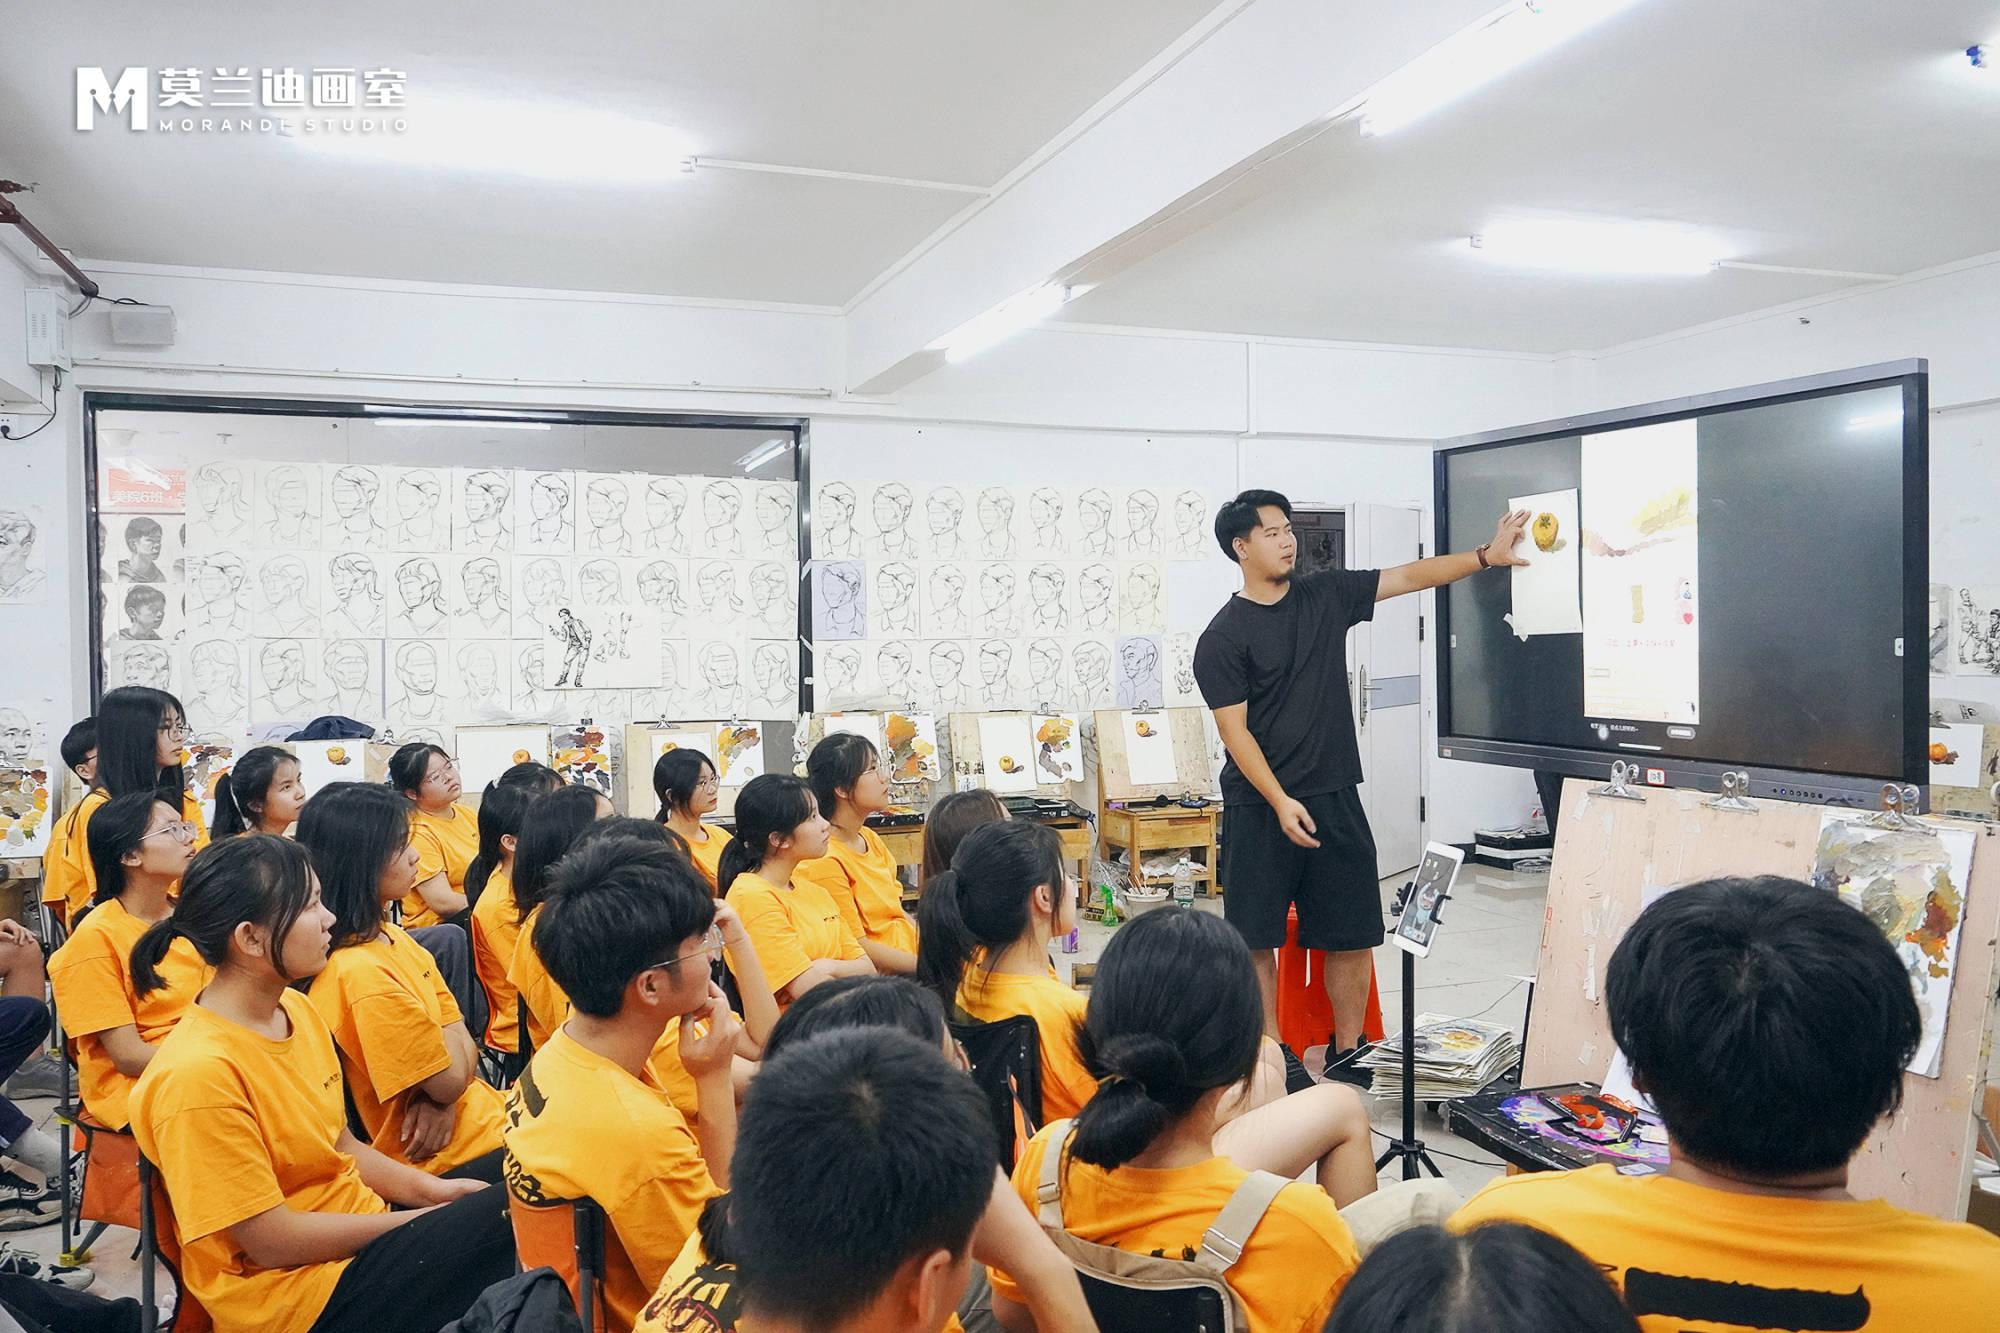 莫兰迪画室本期专题:2022届美术生文化课怎样才能逆袭?